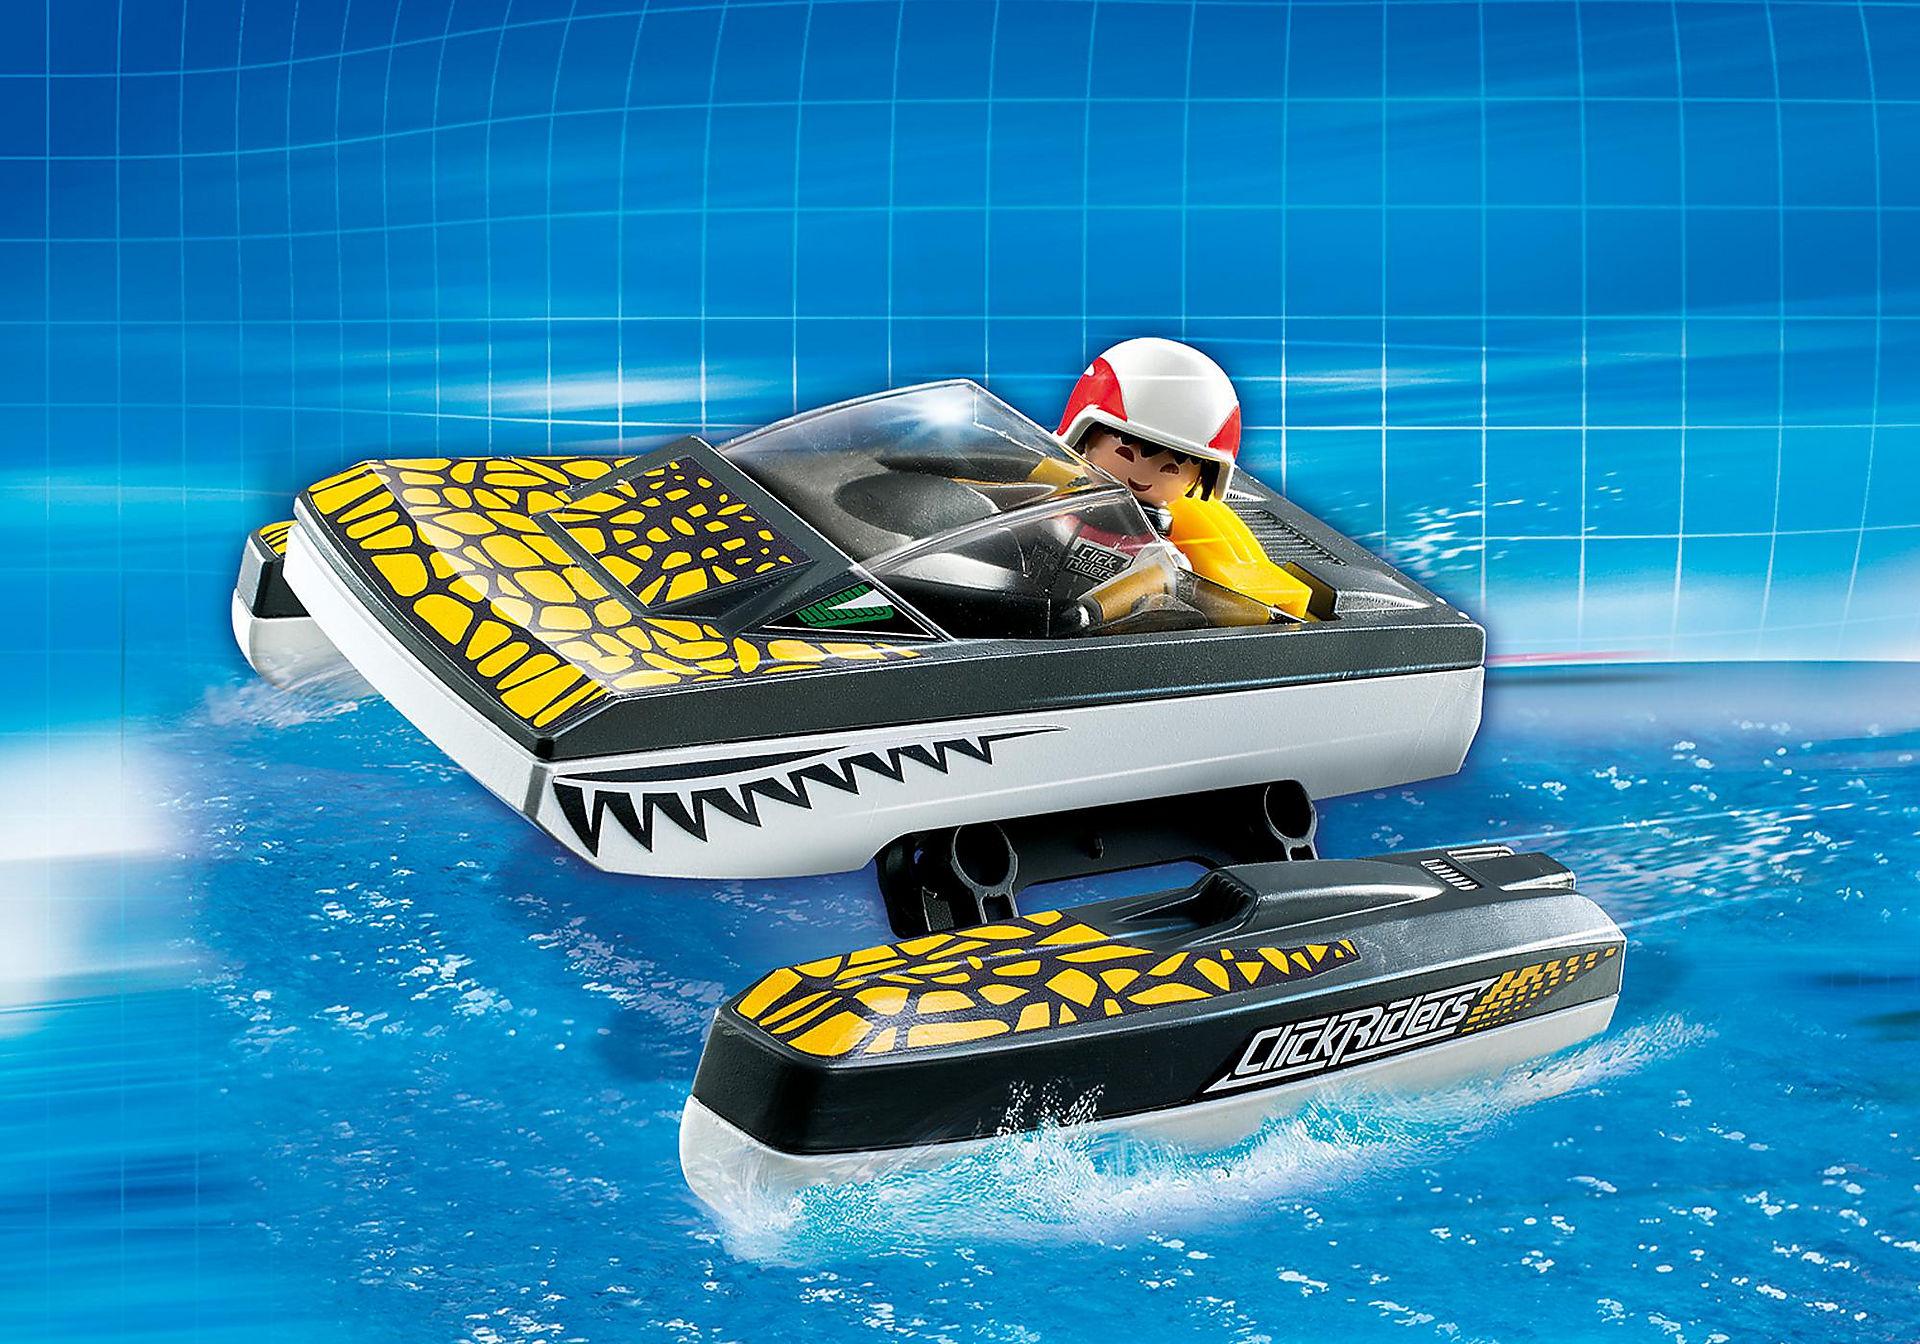 http://media.playmobil.com/i/playmobil/5161_product_detail/Click & Go Croc Speeder